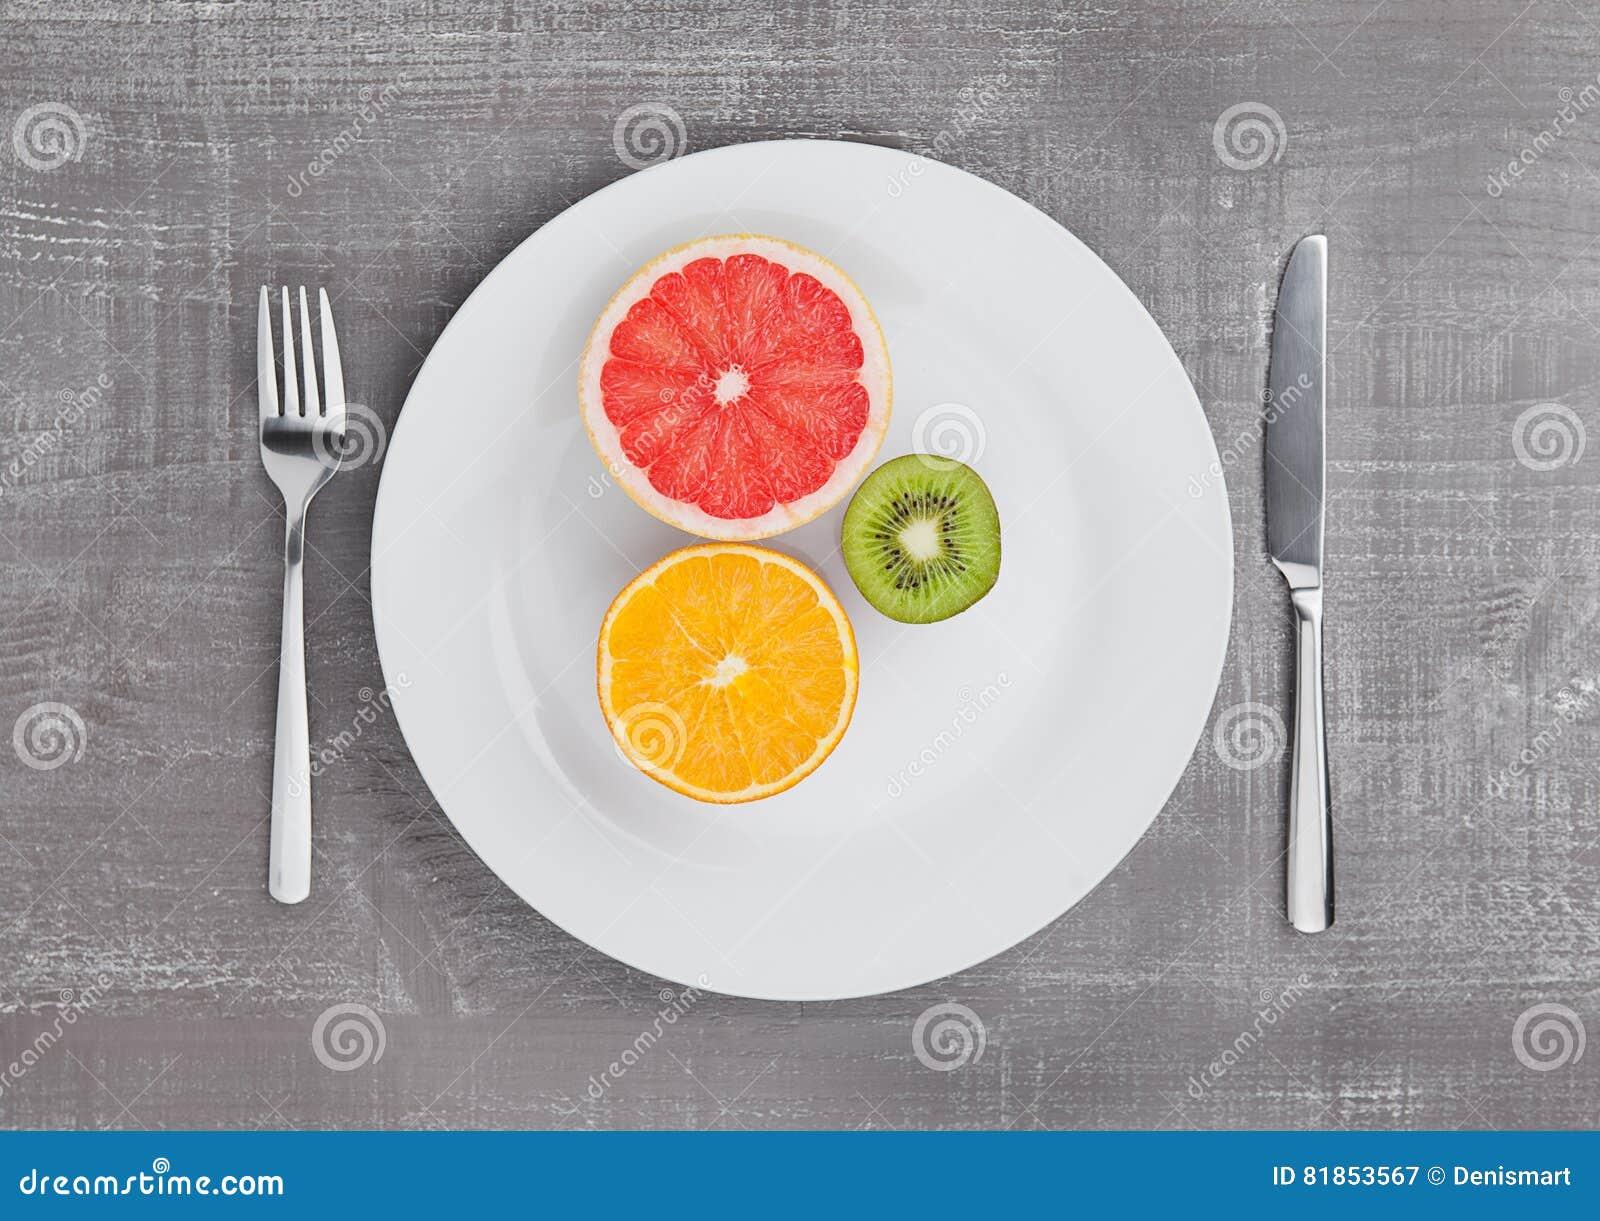 Диета магги для похудения: вкусно, а килограммы уходят.